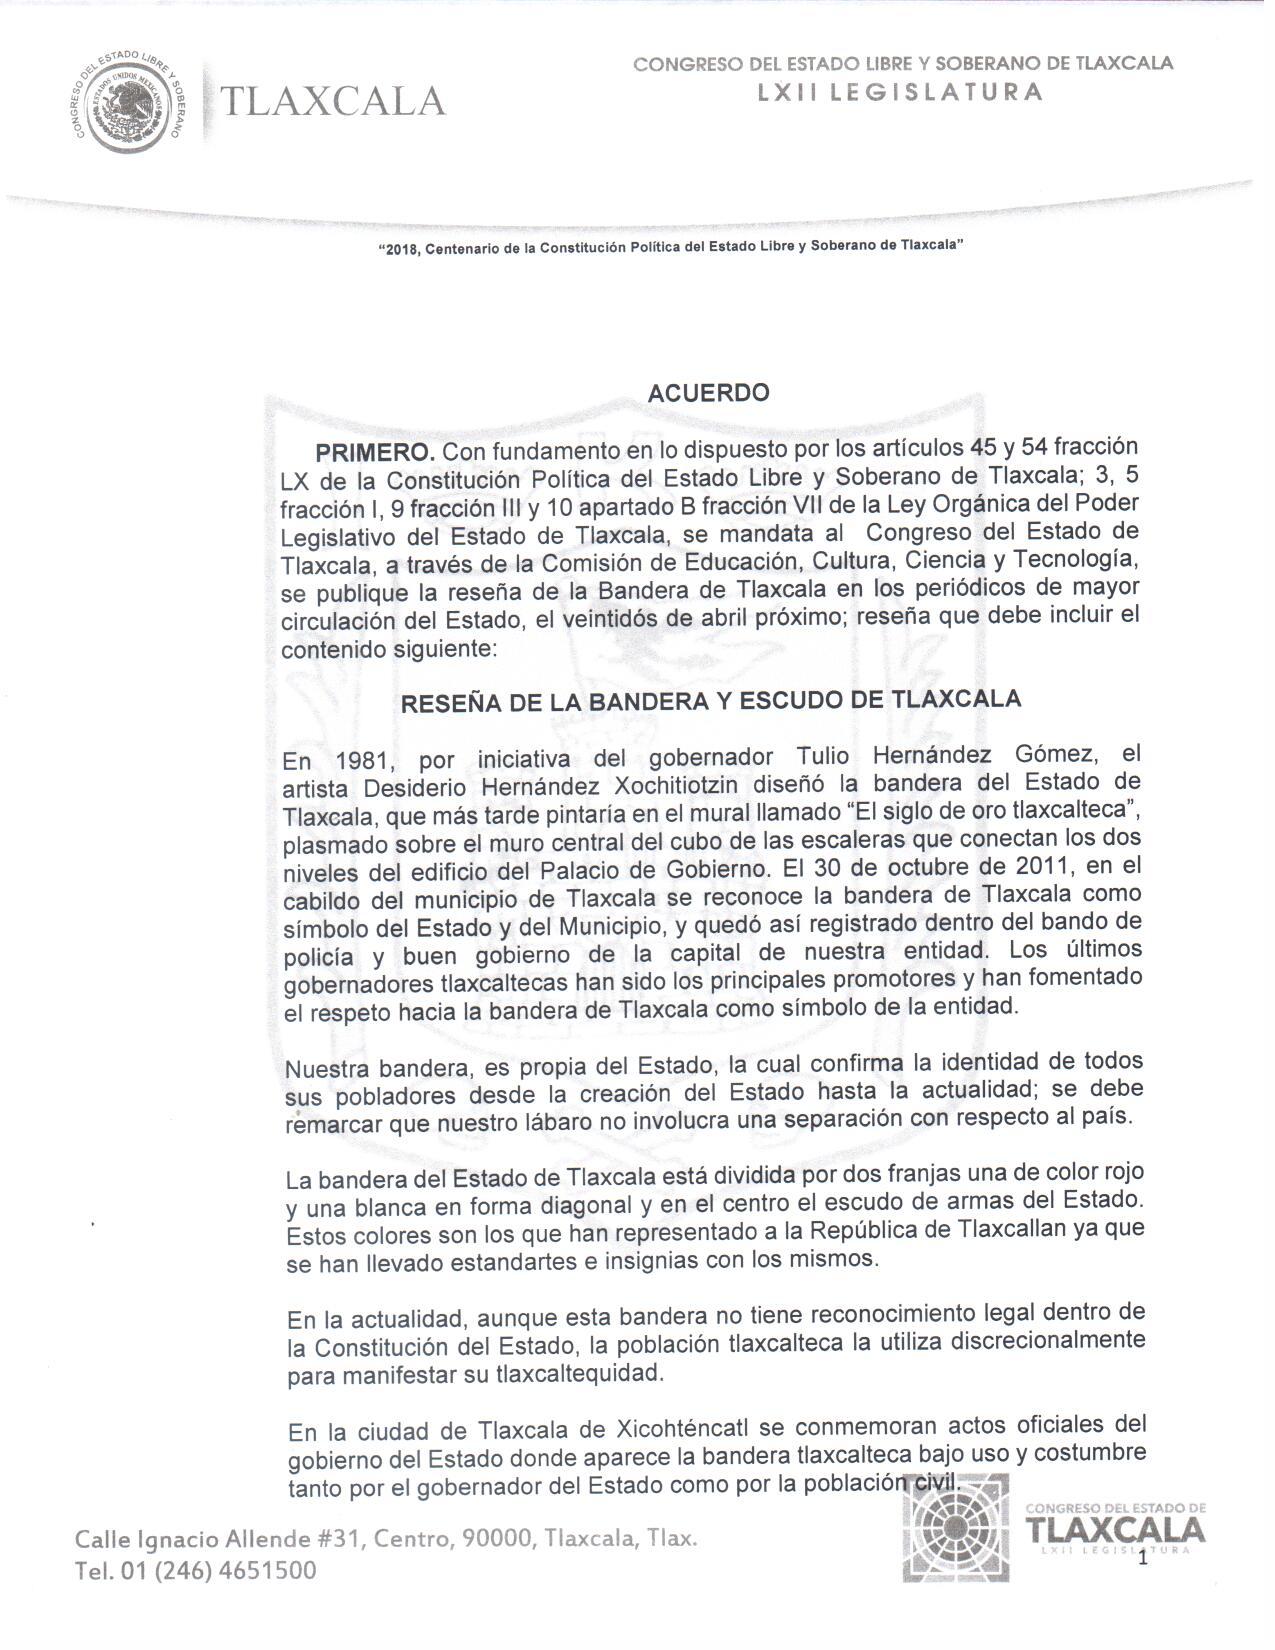 Reseña histórica de la bandera y escudo de Tlaxcala